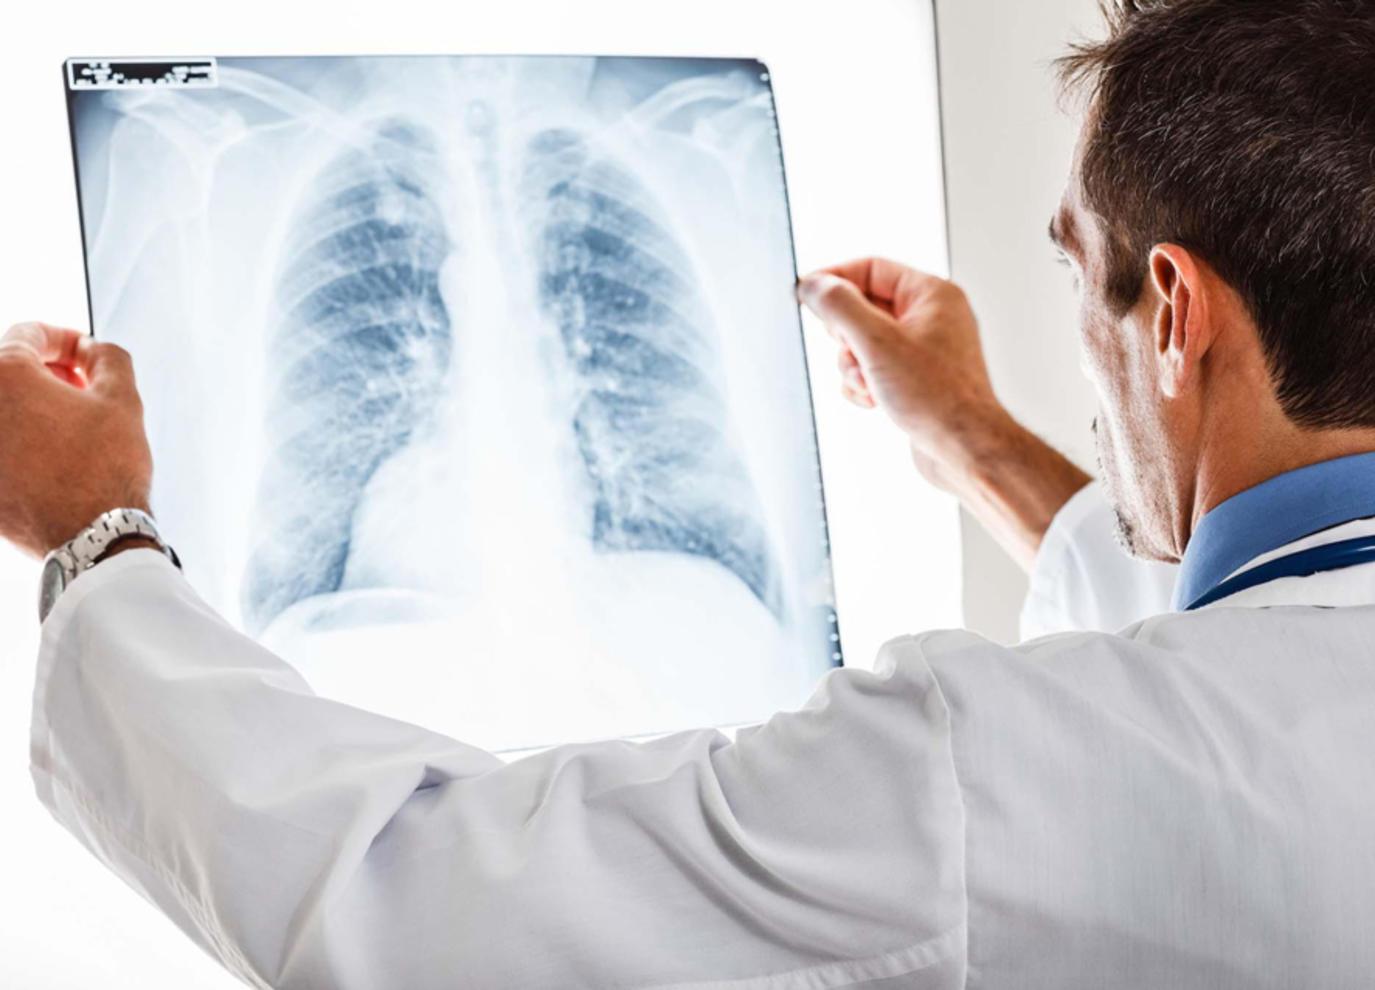 سرطان الرئة: فحص للدم يتنبأ بالإصابة قبل 5 سنوات من التشخيص | مجلة سيدتي